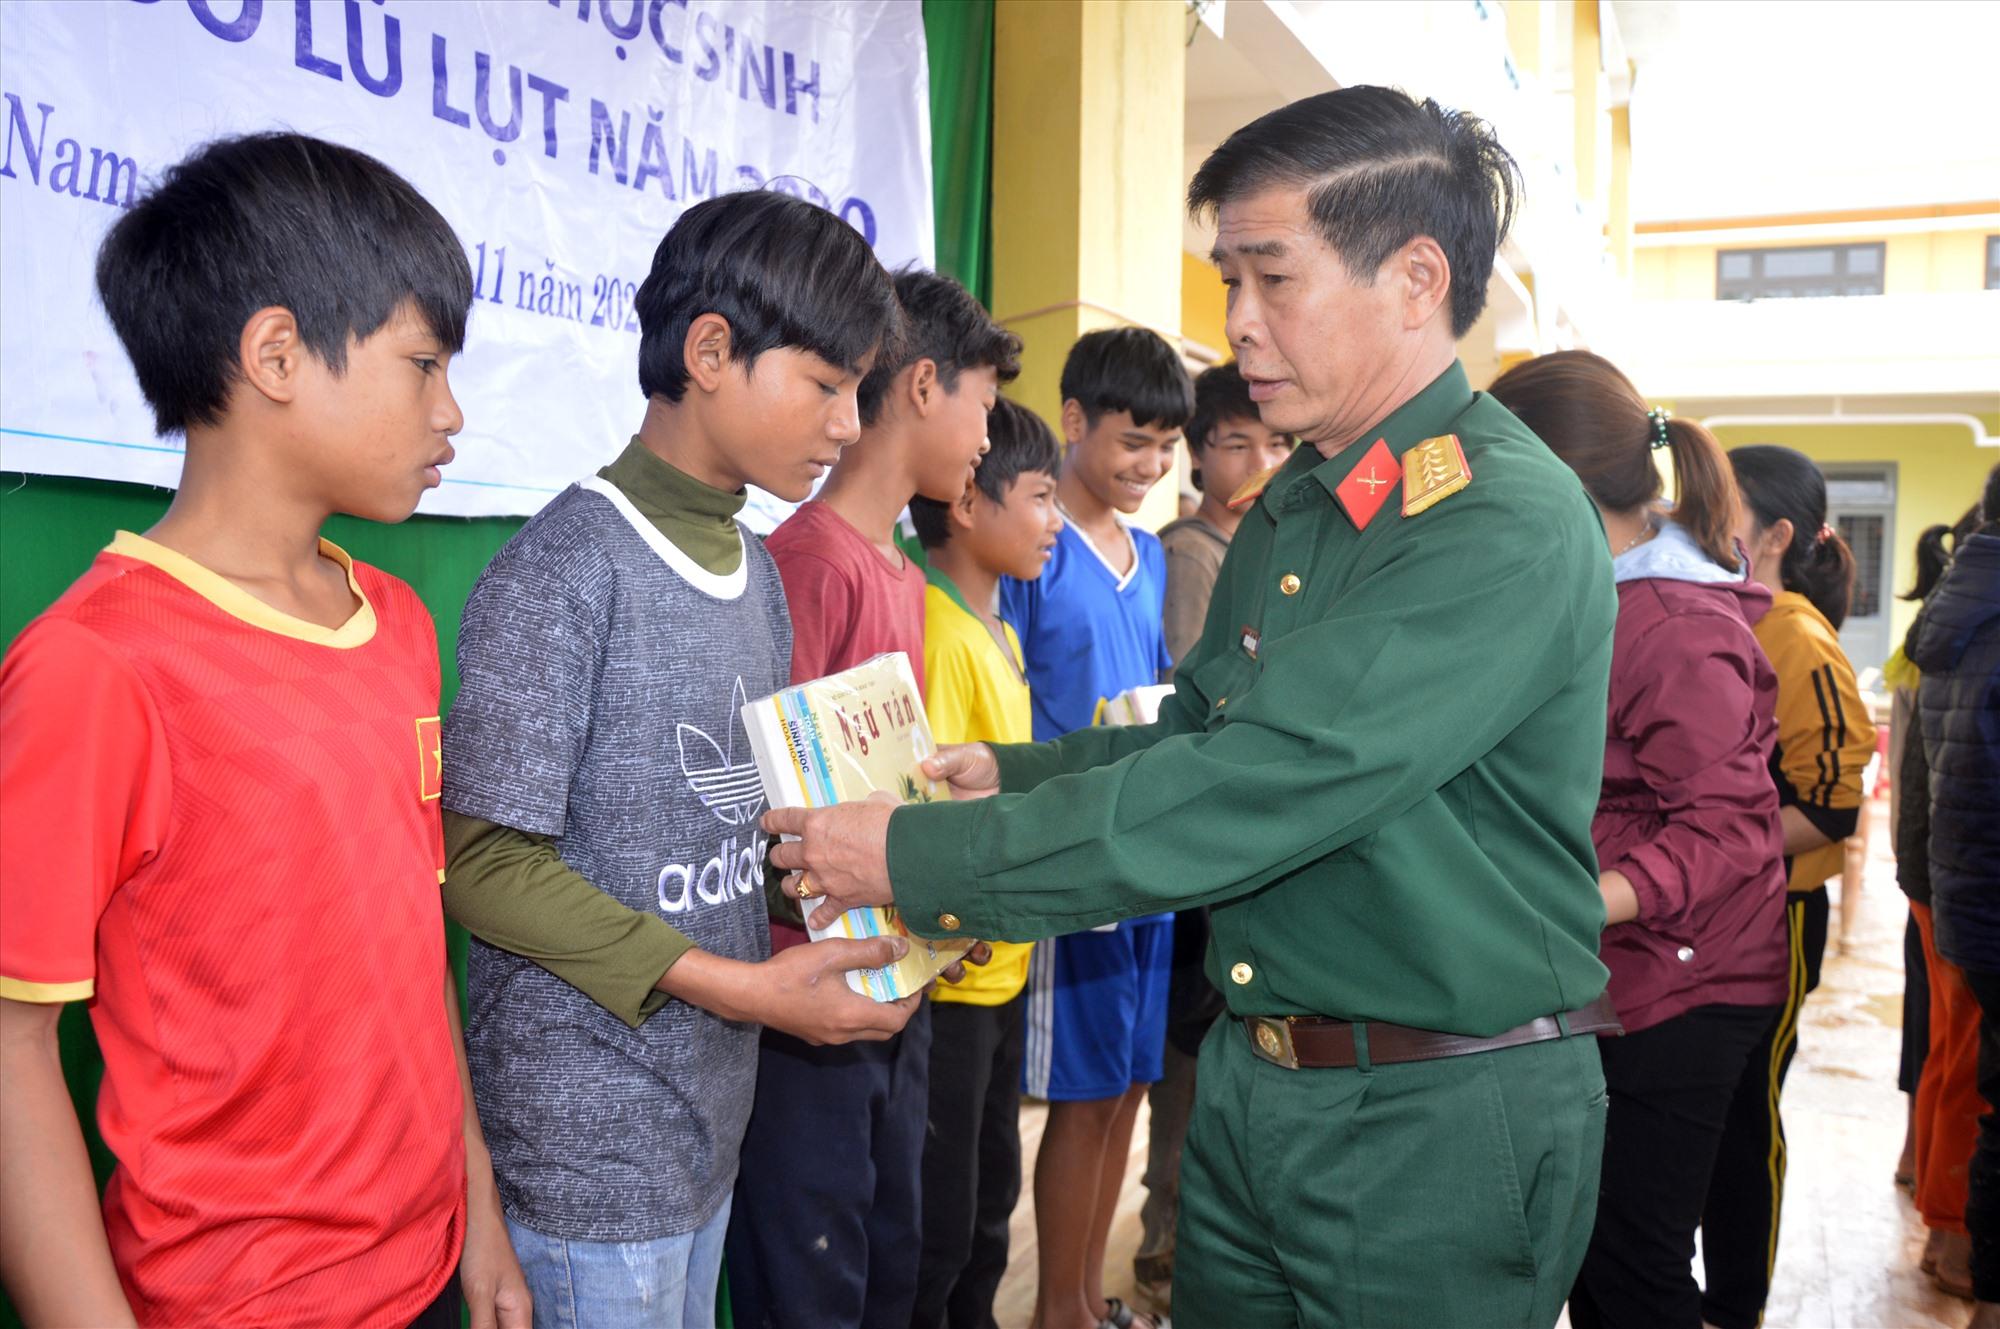 Đại tá Nguyễn Hữu Thức, Phó Chính ủy Bộ CHQS tỉnh trao tặng sách cho học sinh.